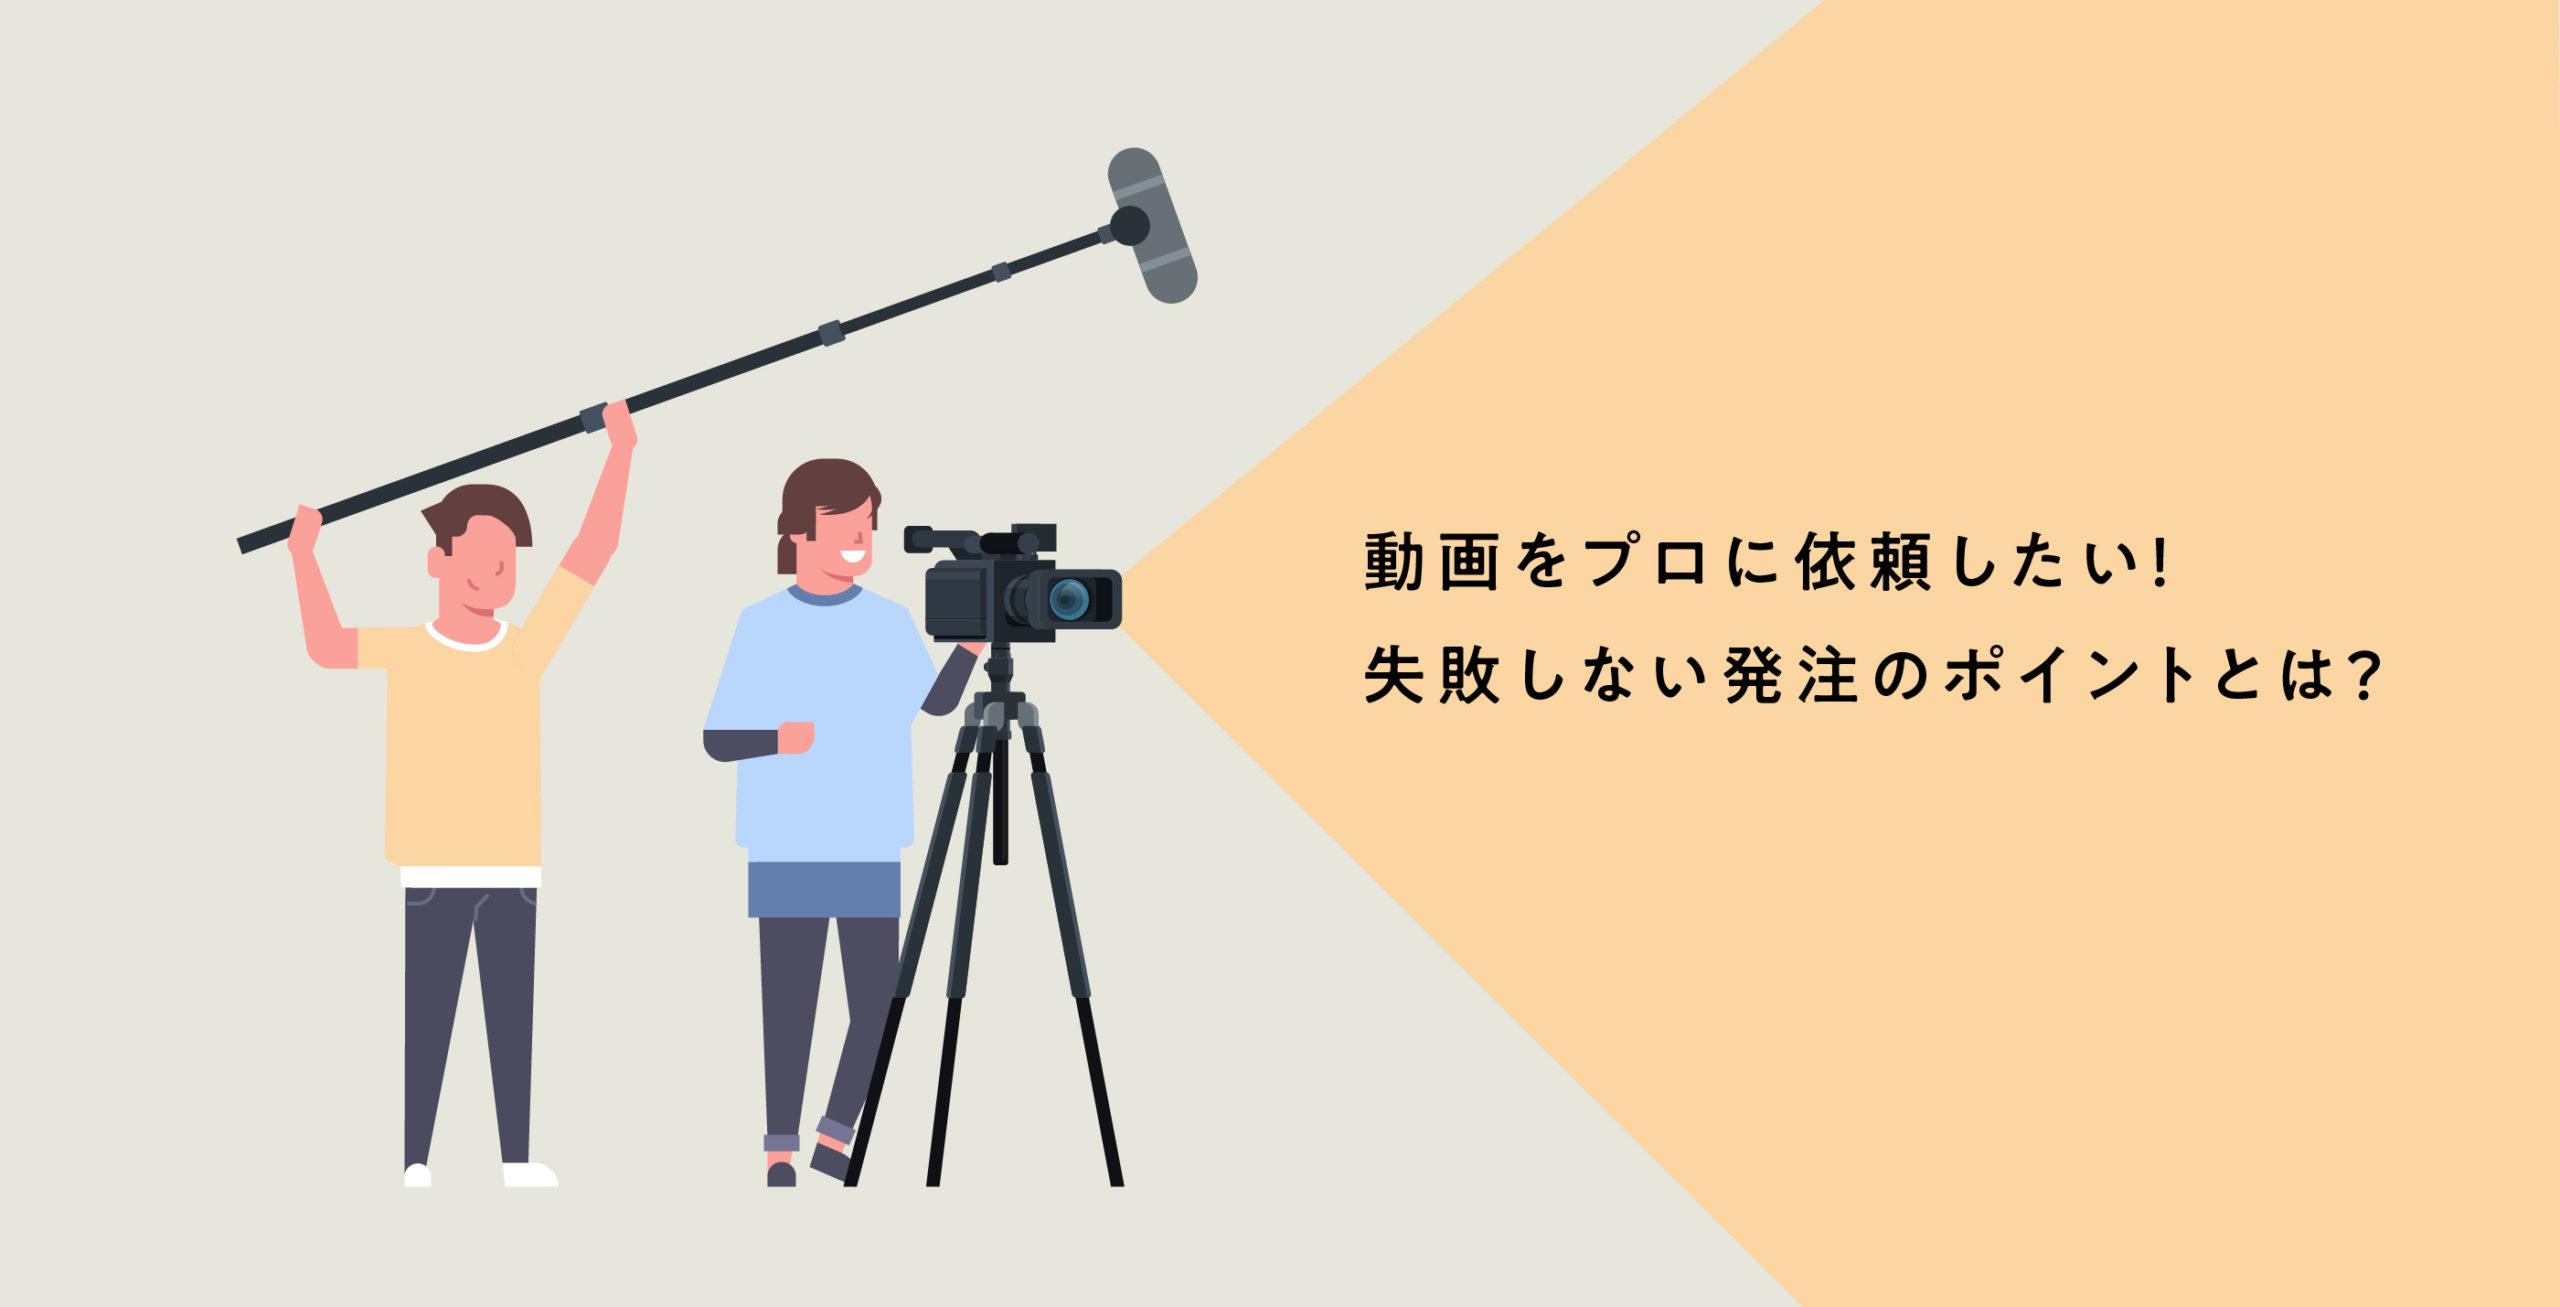 動画をプロに依頼したい!失敗しない発注のポイントとは?